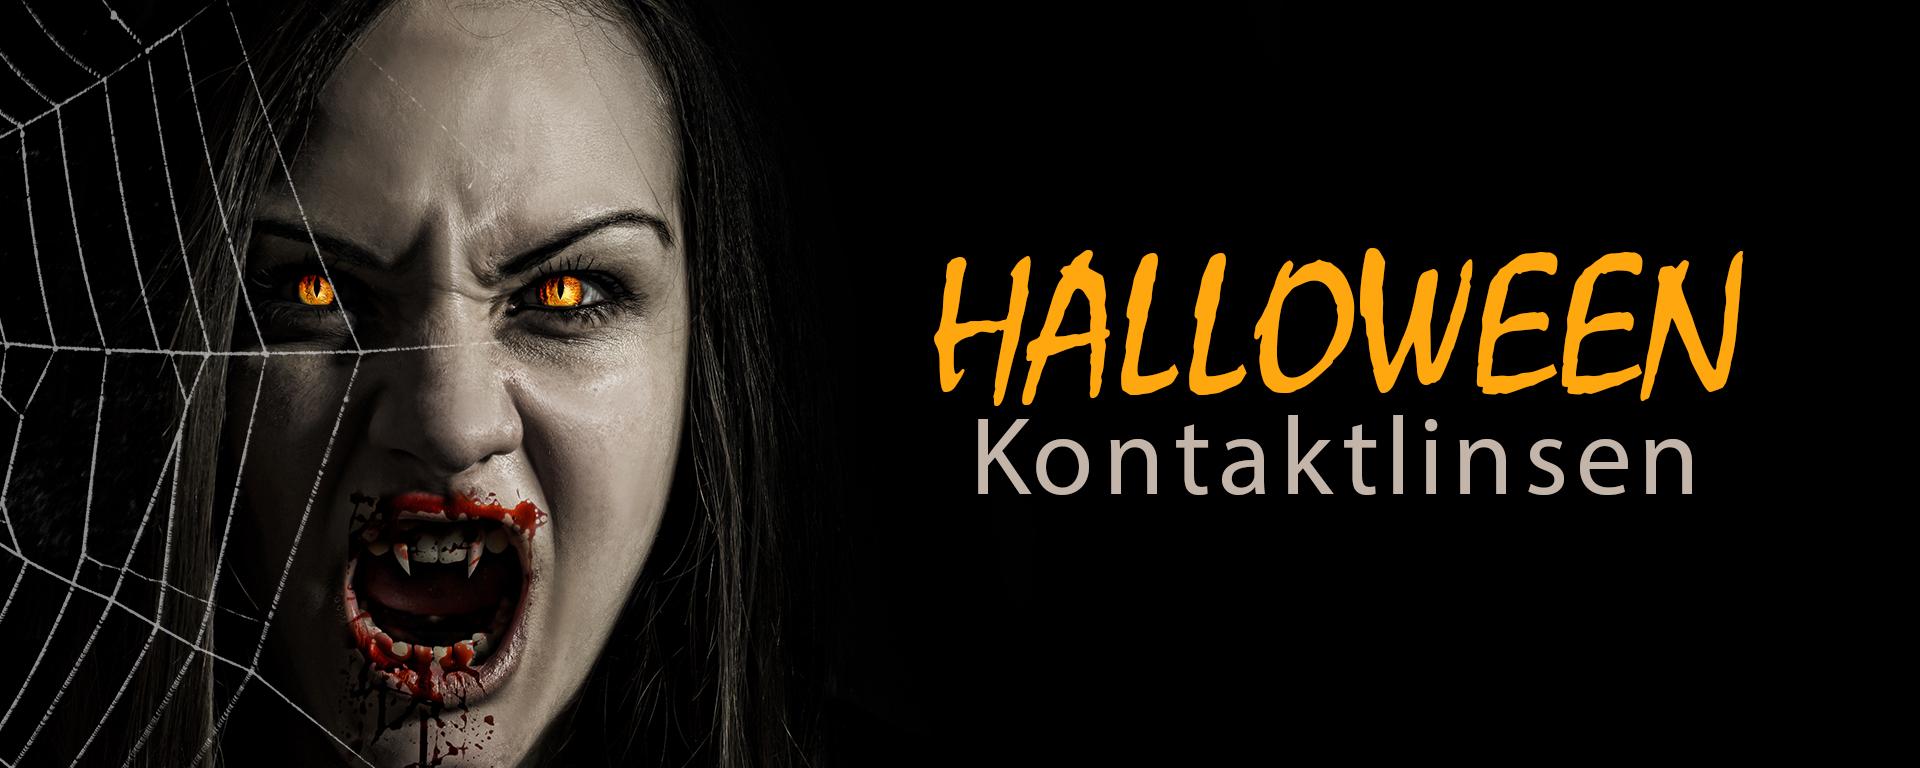 Das Foto zeigt einen Banner für Halloween mit einer Dämonin und der Aufschrift Halloween Kontaktlinsen